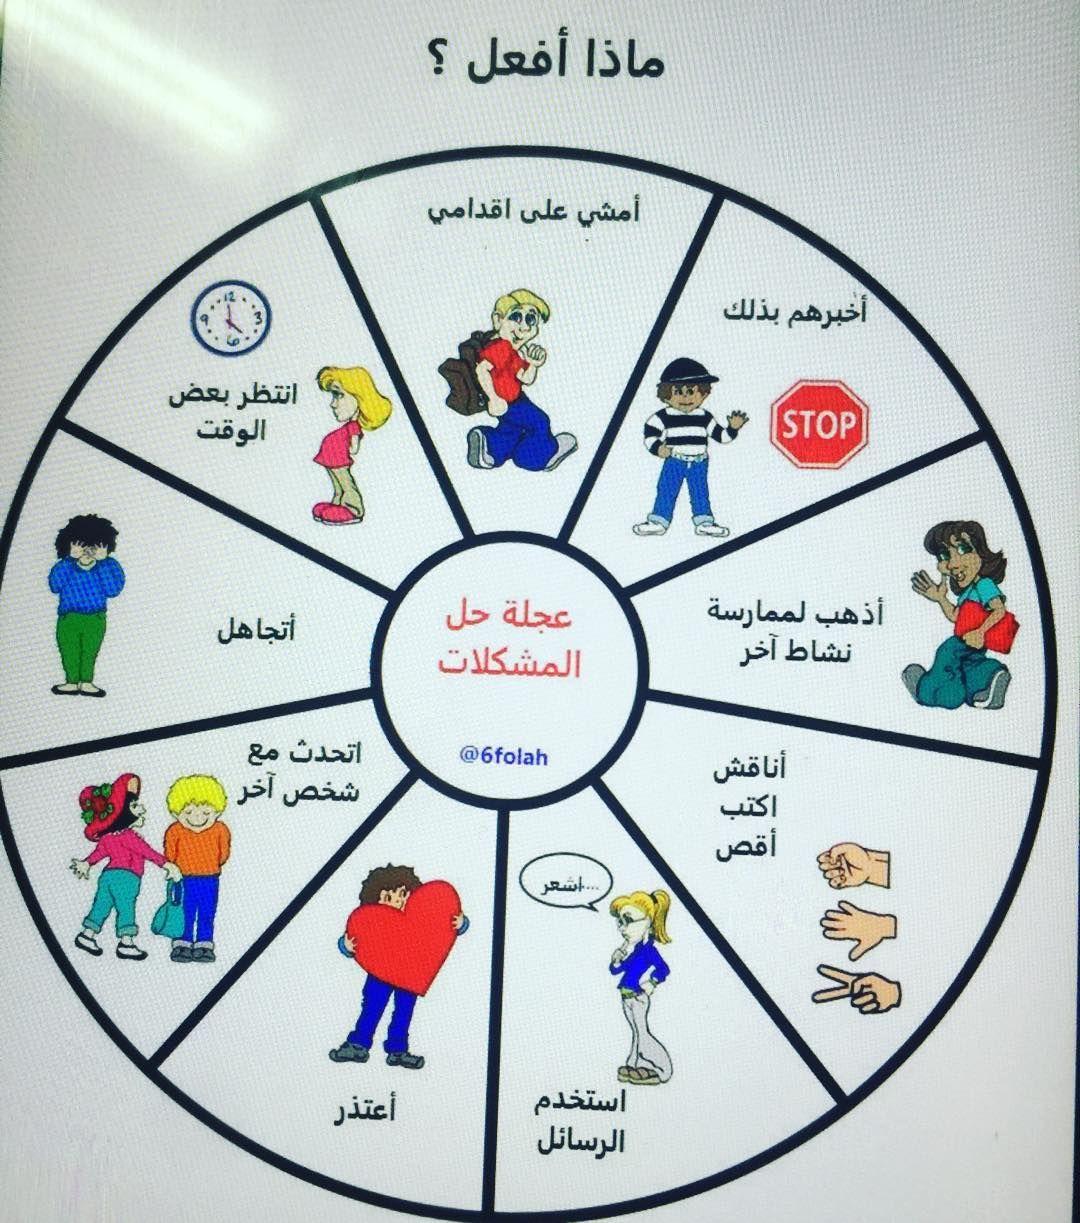 عجلة حل المشكلات #فطن_لجيل_آمن #فطن #تربيه #قيم | School social work,  Social skills, Classroom